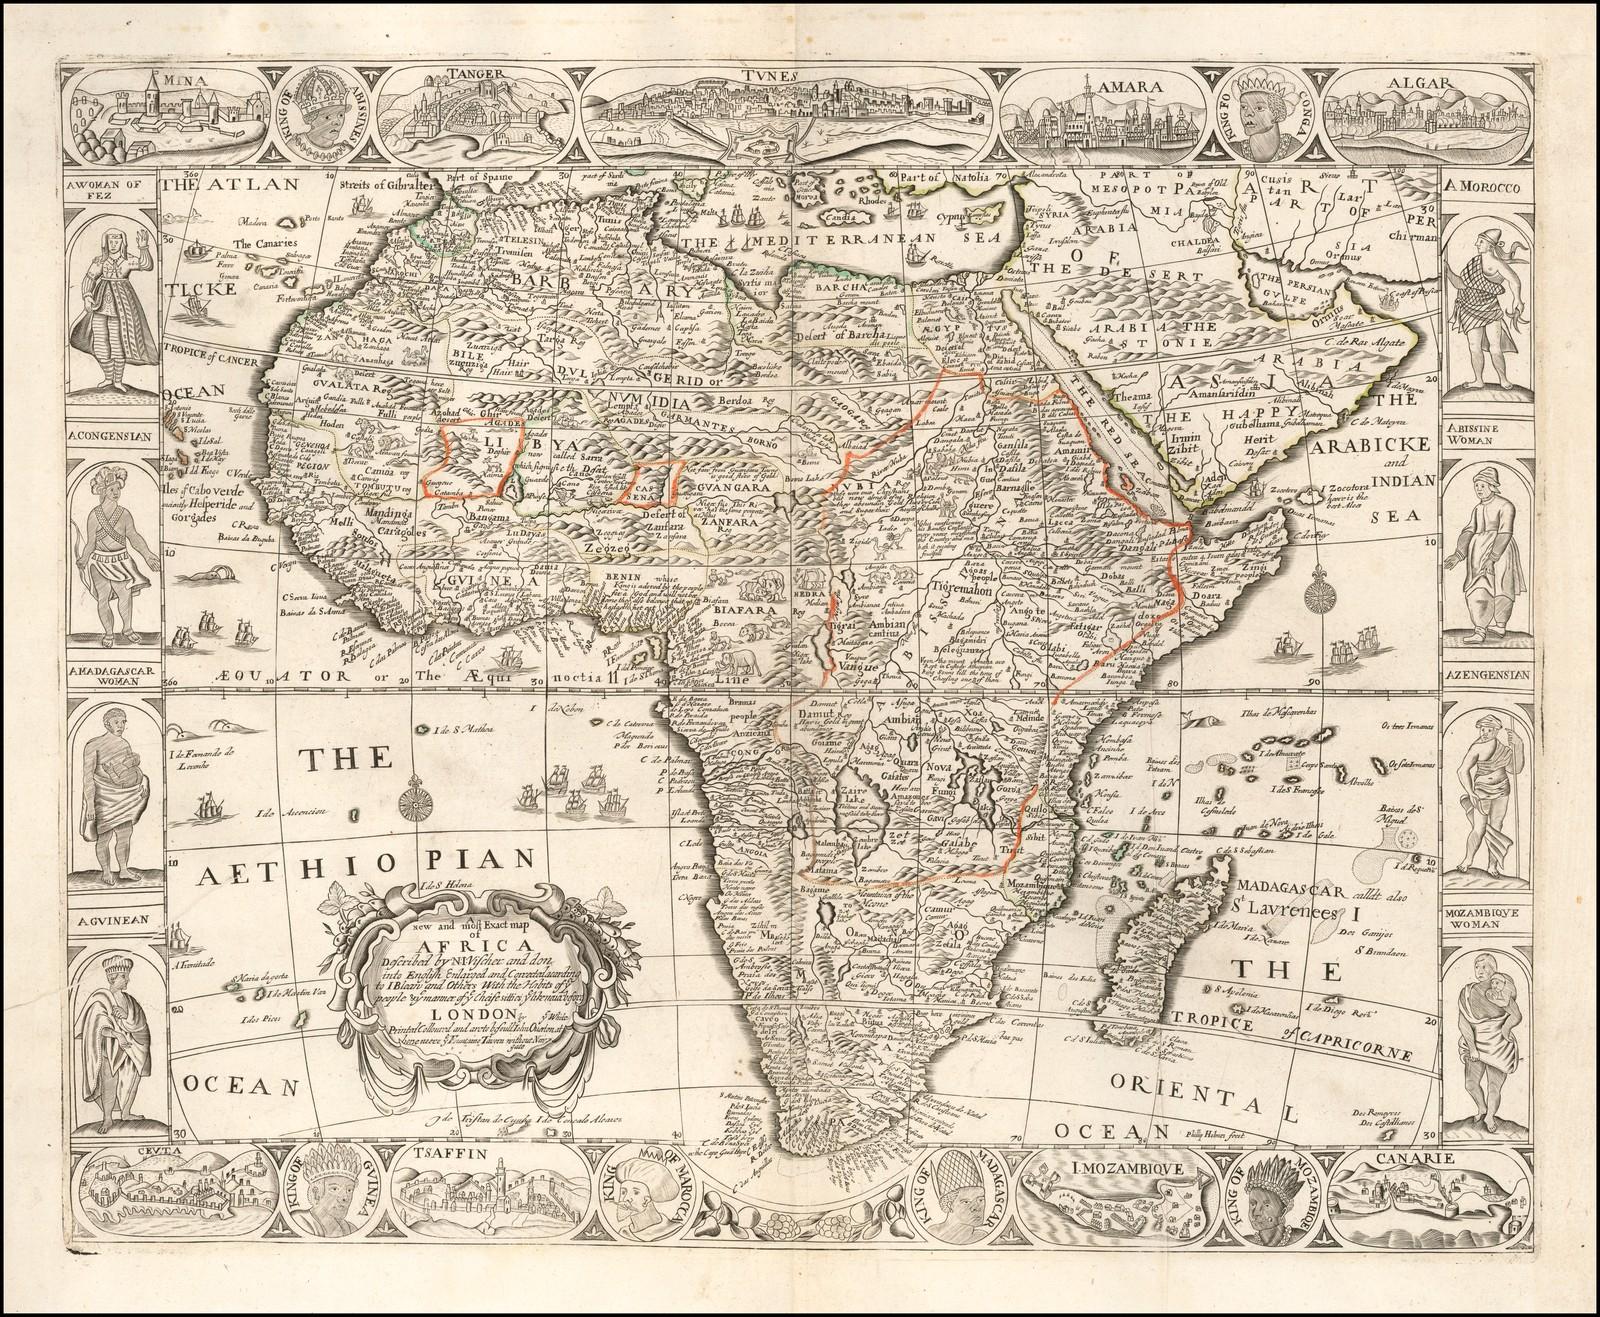 Чрезвычайно редкая карта Африки, включающая новые топонимы вдоль мыса Доброй Надежды, иллюстрирующая голландскую колонию, основанную в 1652 году